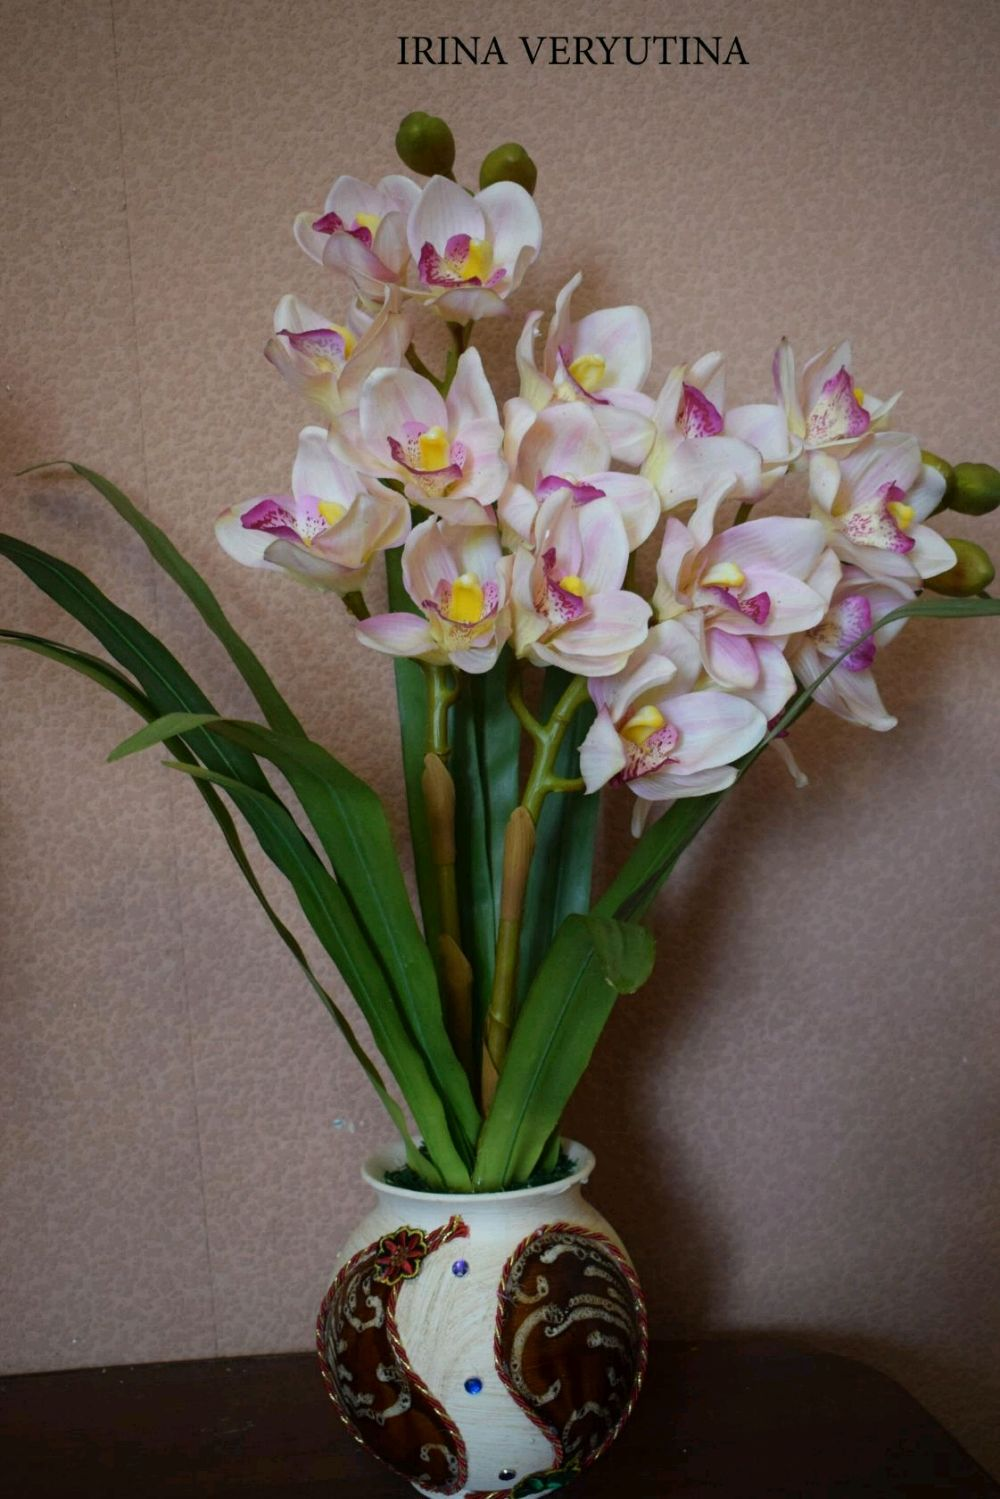 Интерьерные композиции ручной работы. Ярмарка Мастеров - ручная работа. Купить Композиция с орхидеями цимбидиум из латекса на 2 веточки. Handmade.